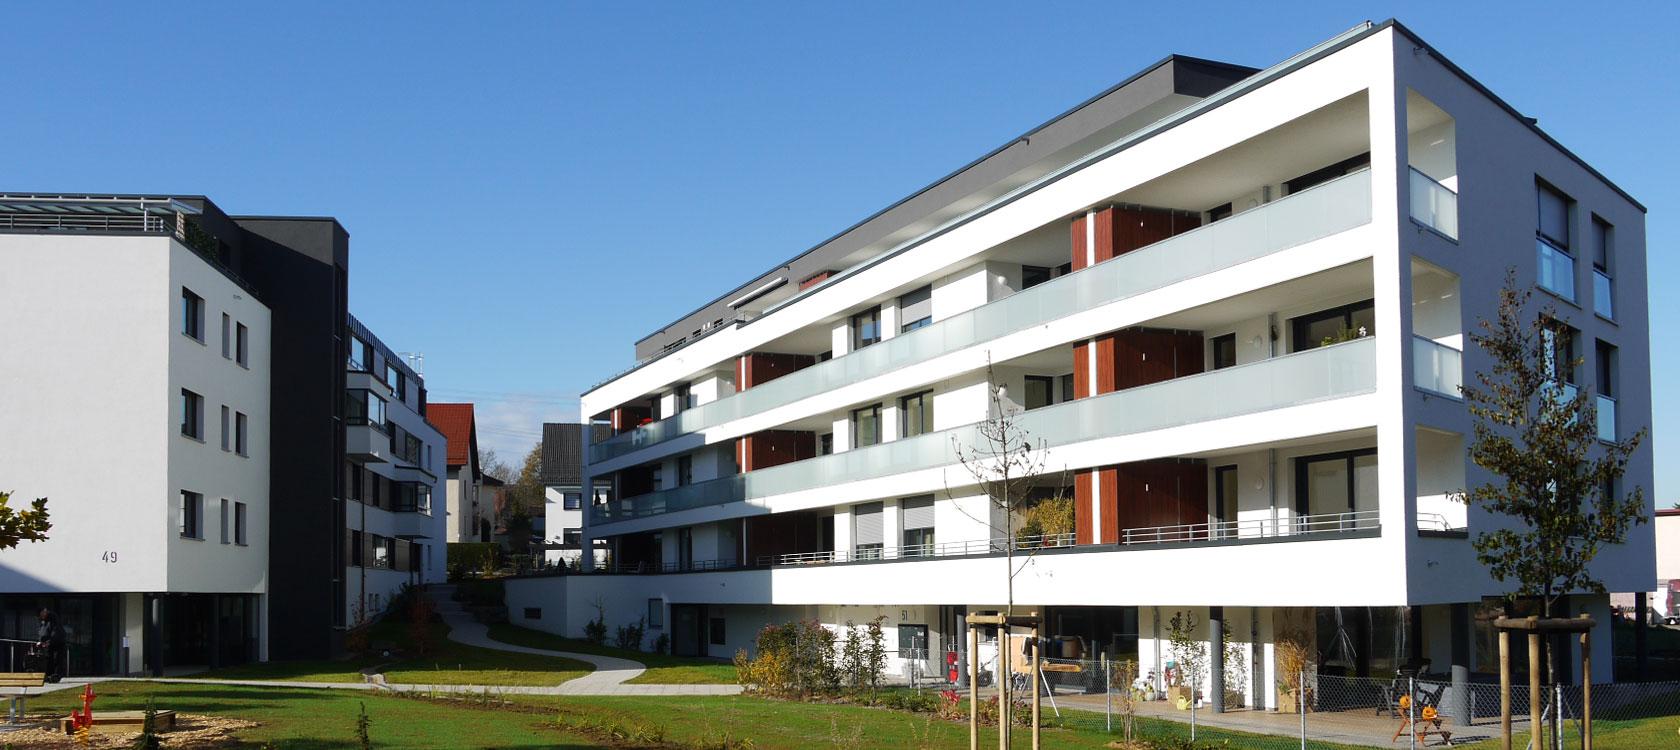 Referenz Betreutes Wohnen In Möglingen Schöner Wohnen Immobilien